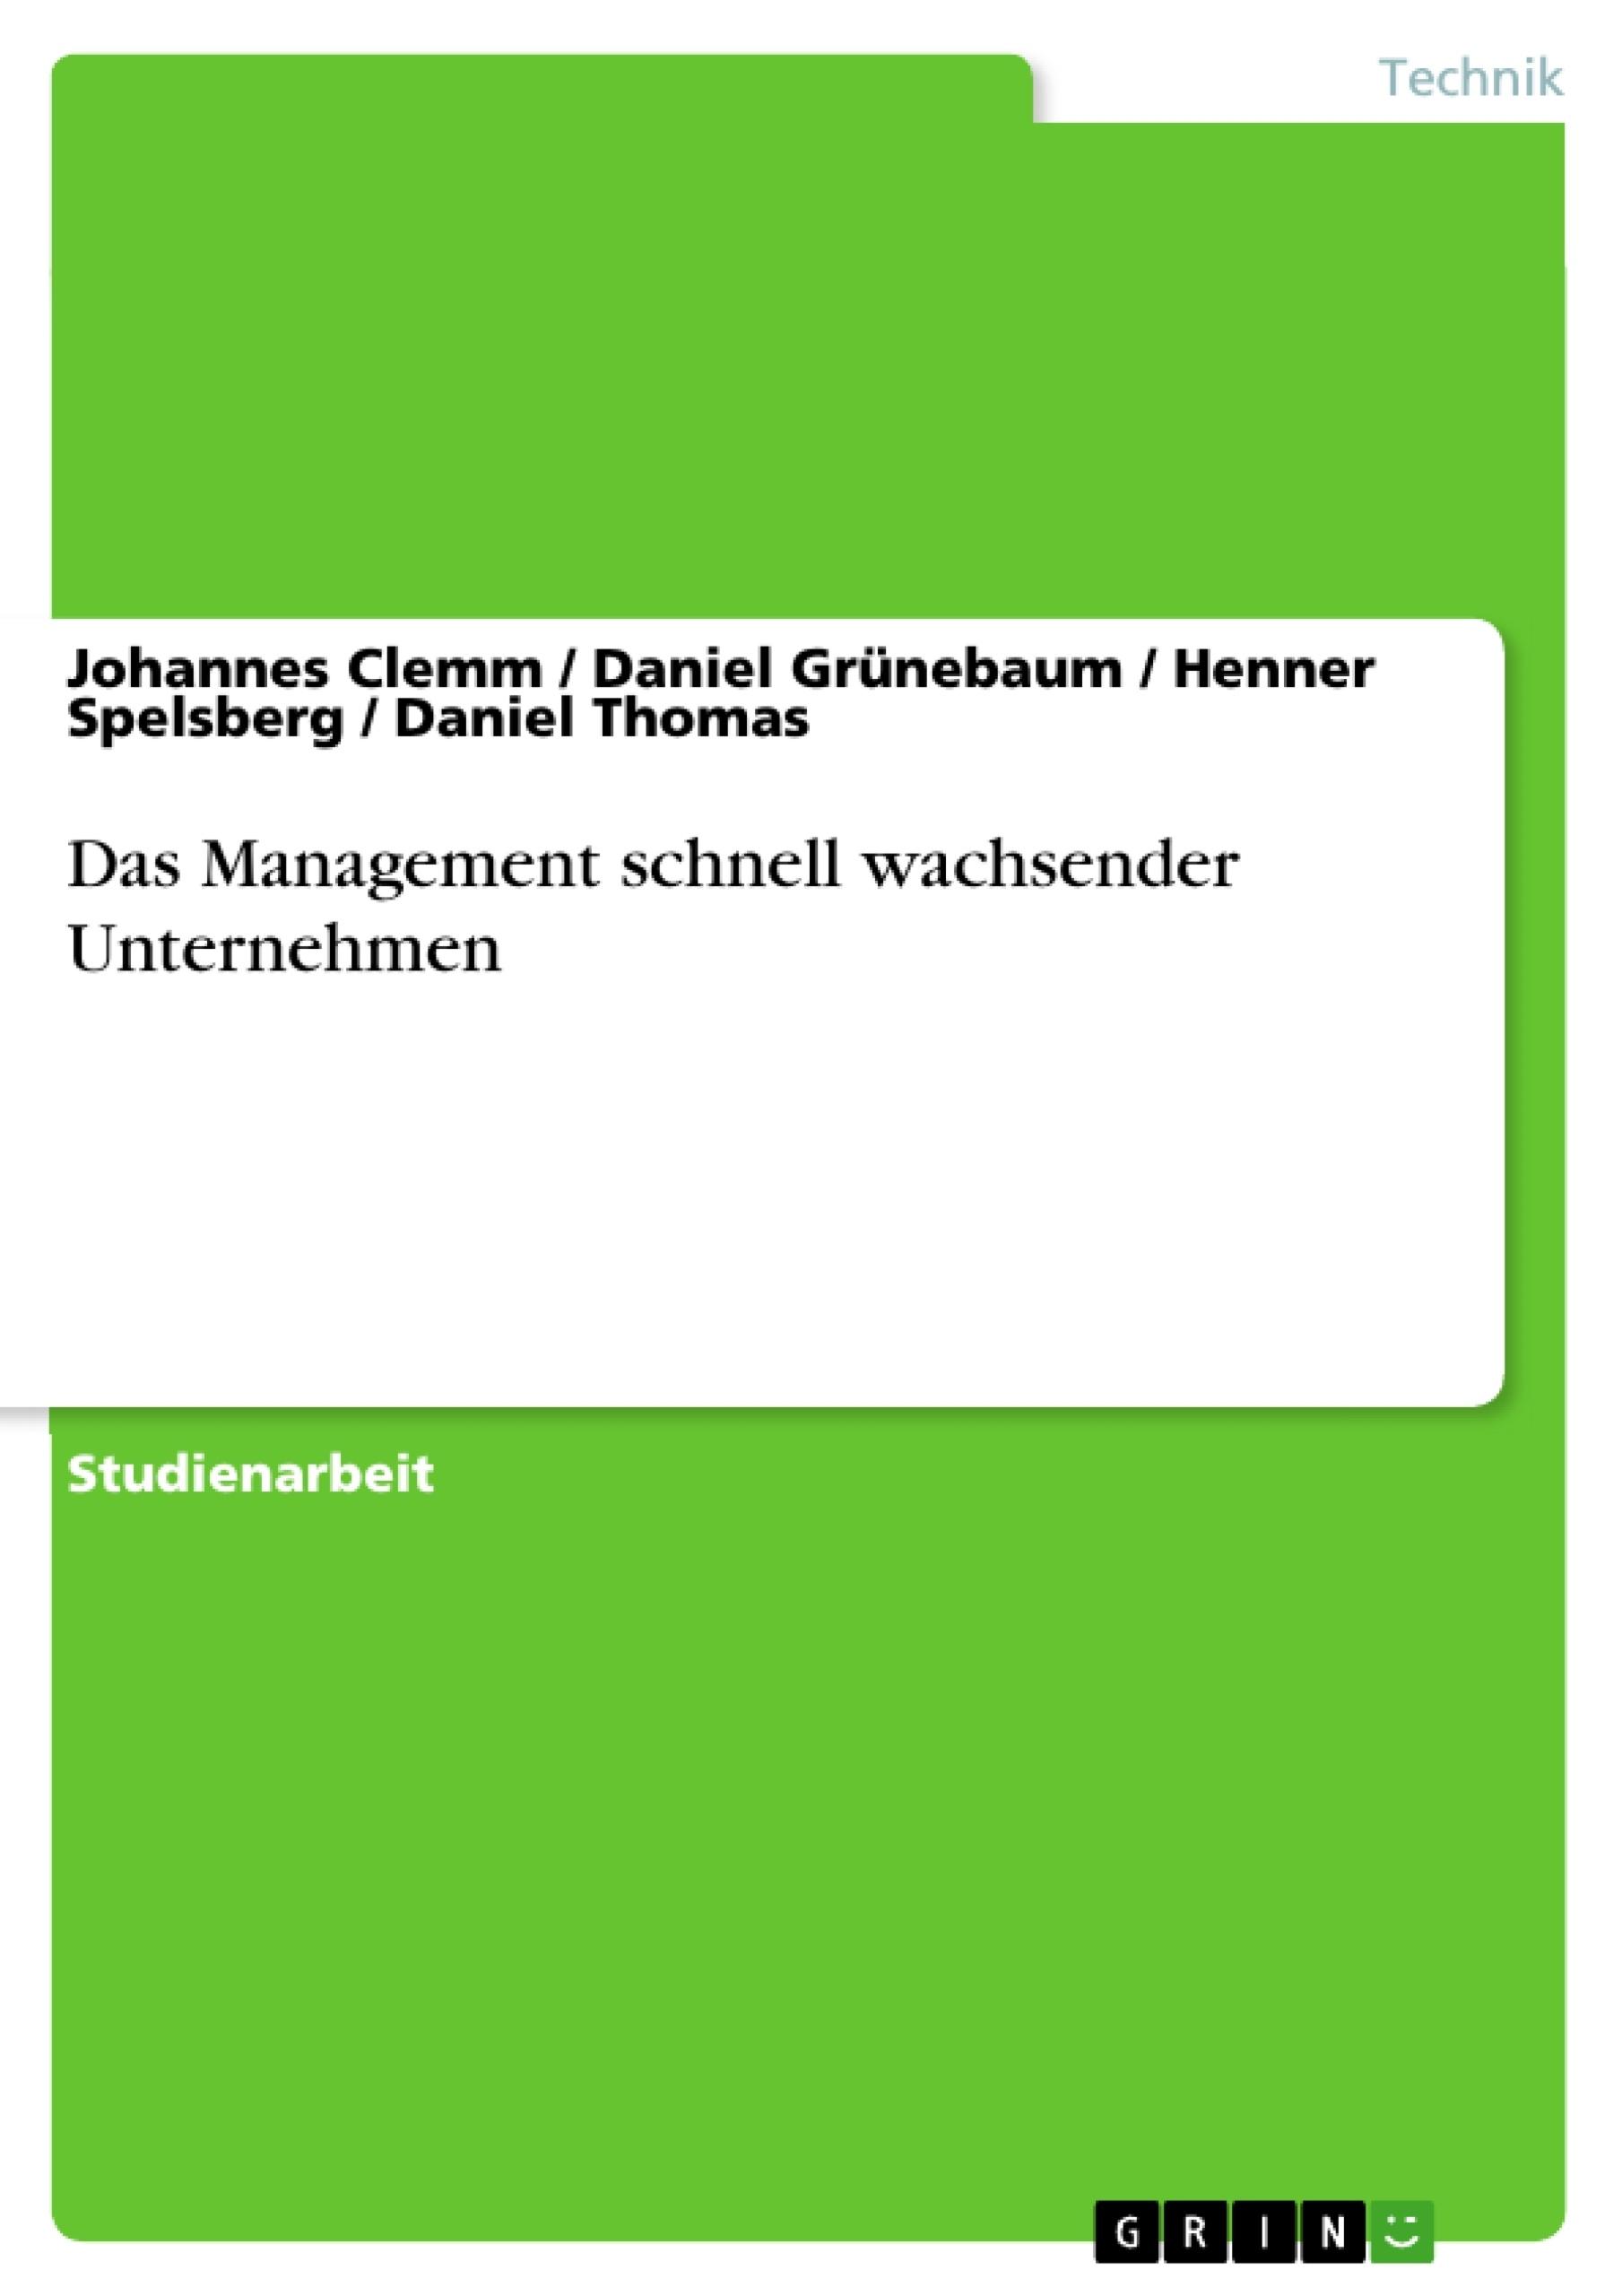 Das Management schnell wachsender Unternehmen | Masterarbeit ...